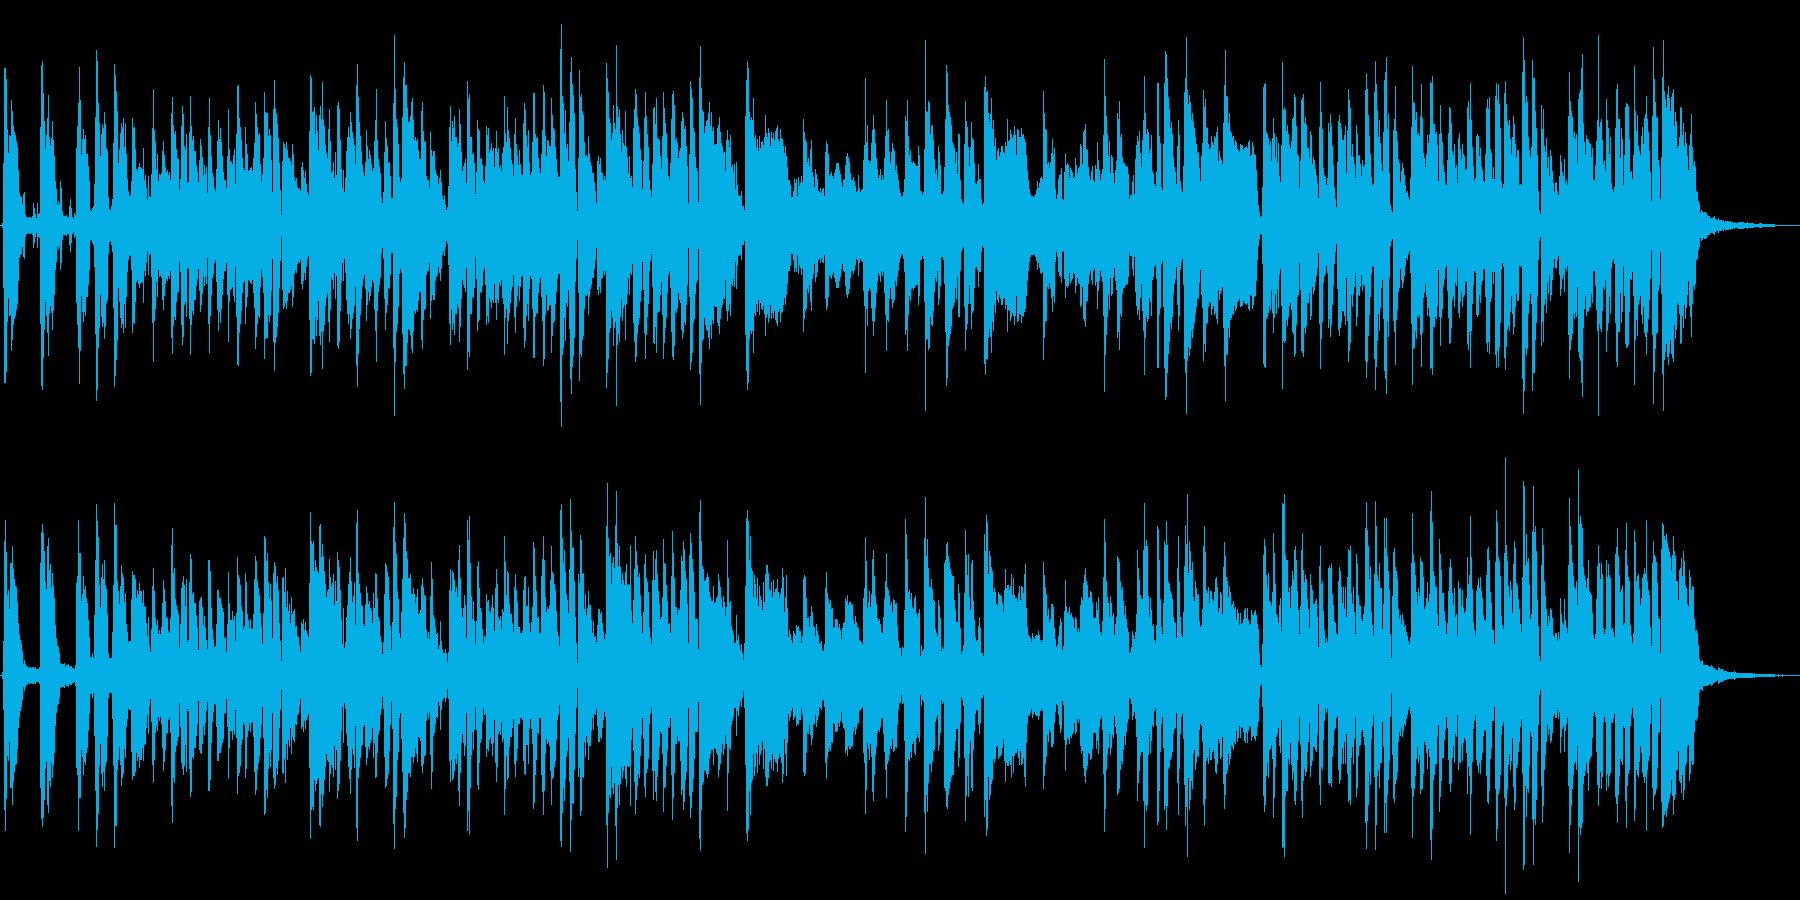 メロンをテーマにした楽曲の再生済みの波形